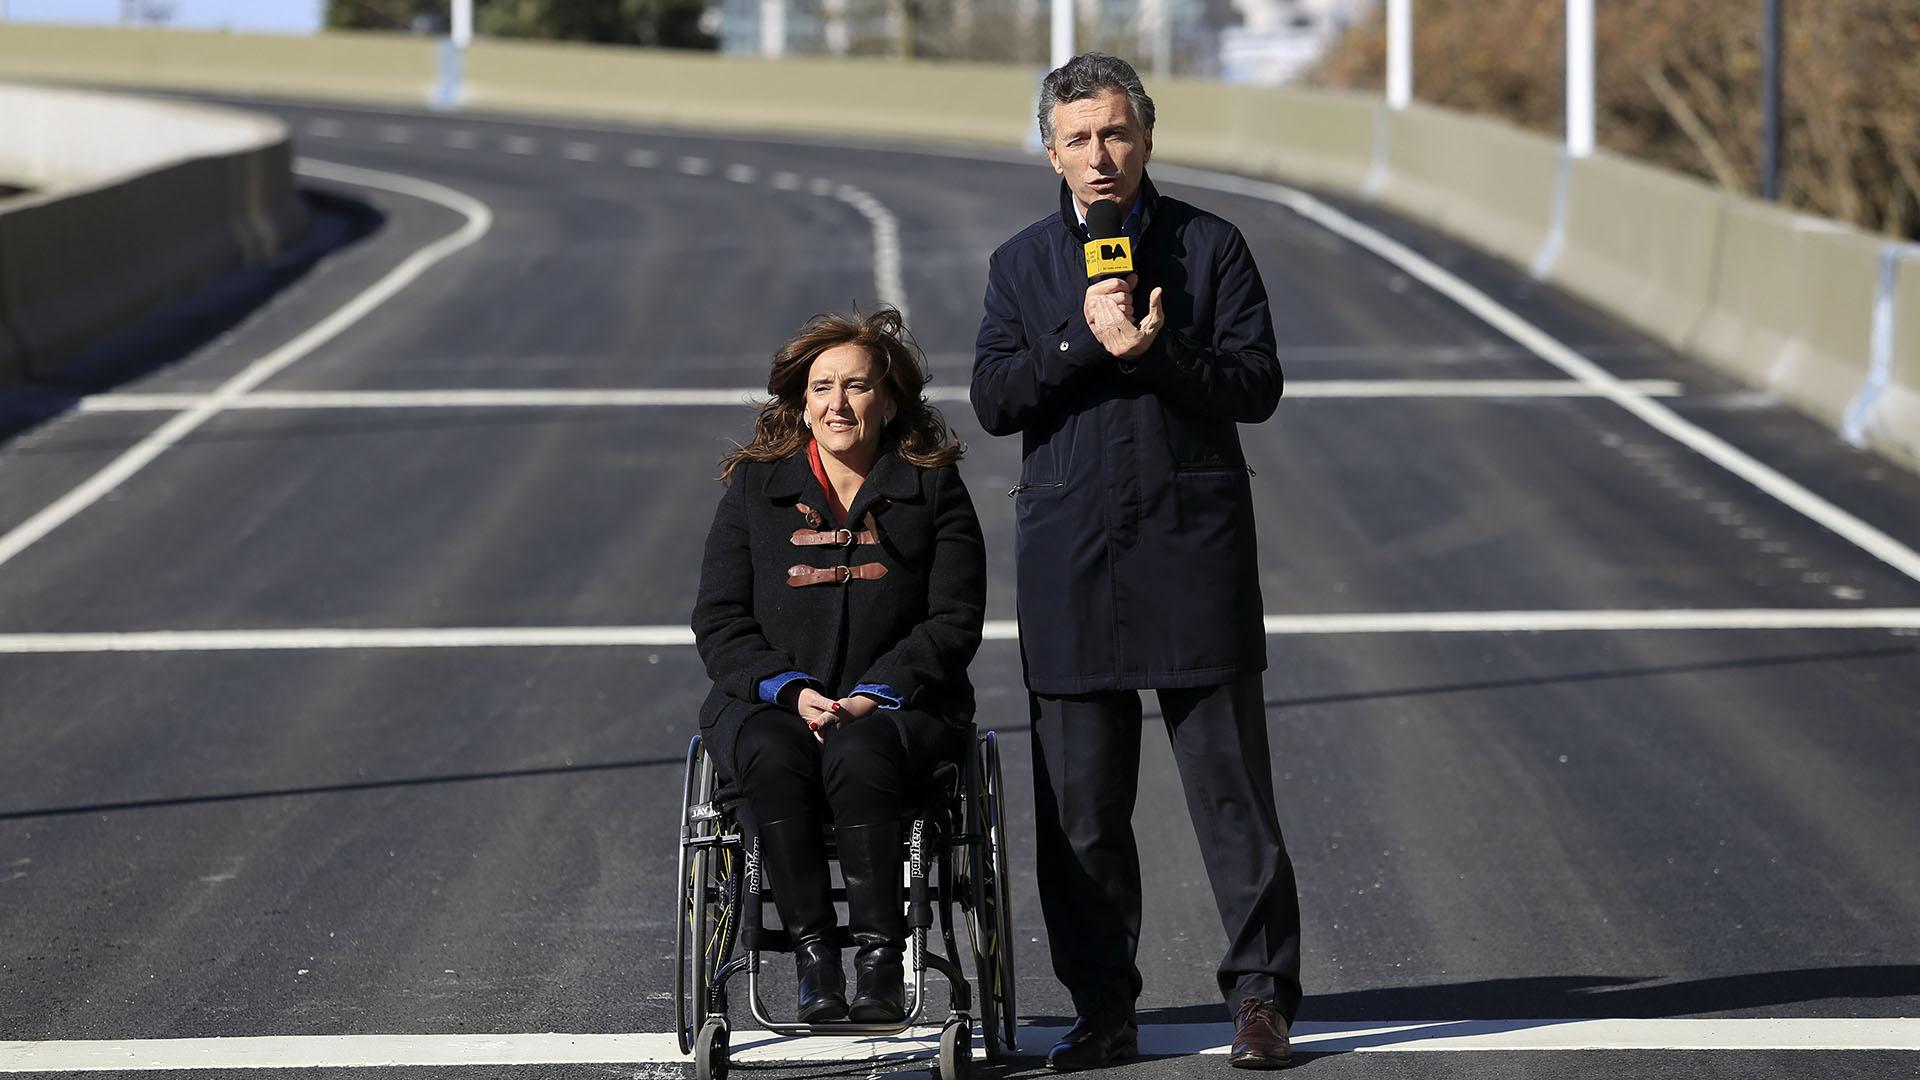 La bajada de la Illia fue inaugurada en junio de 2015, por Mauricio Macri y Gabriela Michetti en plena campaña electoral